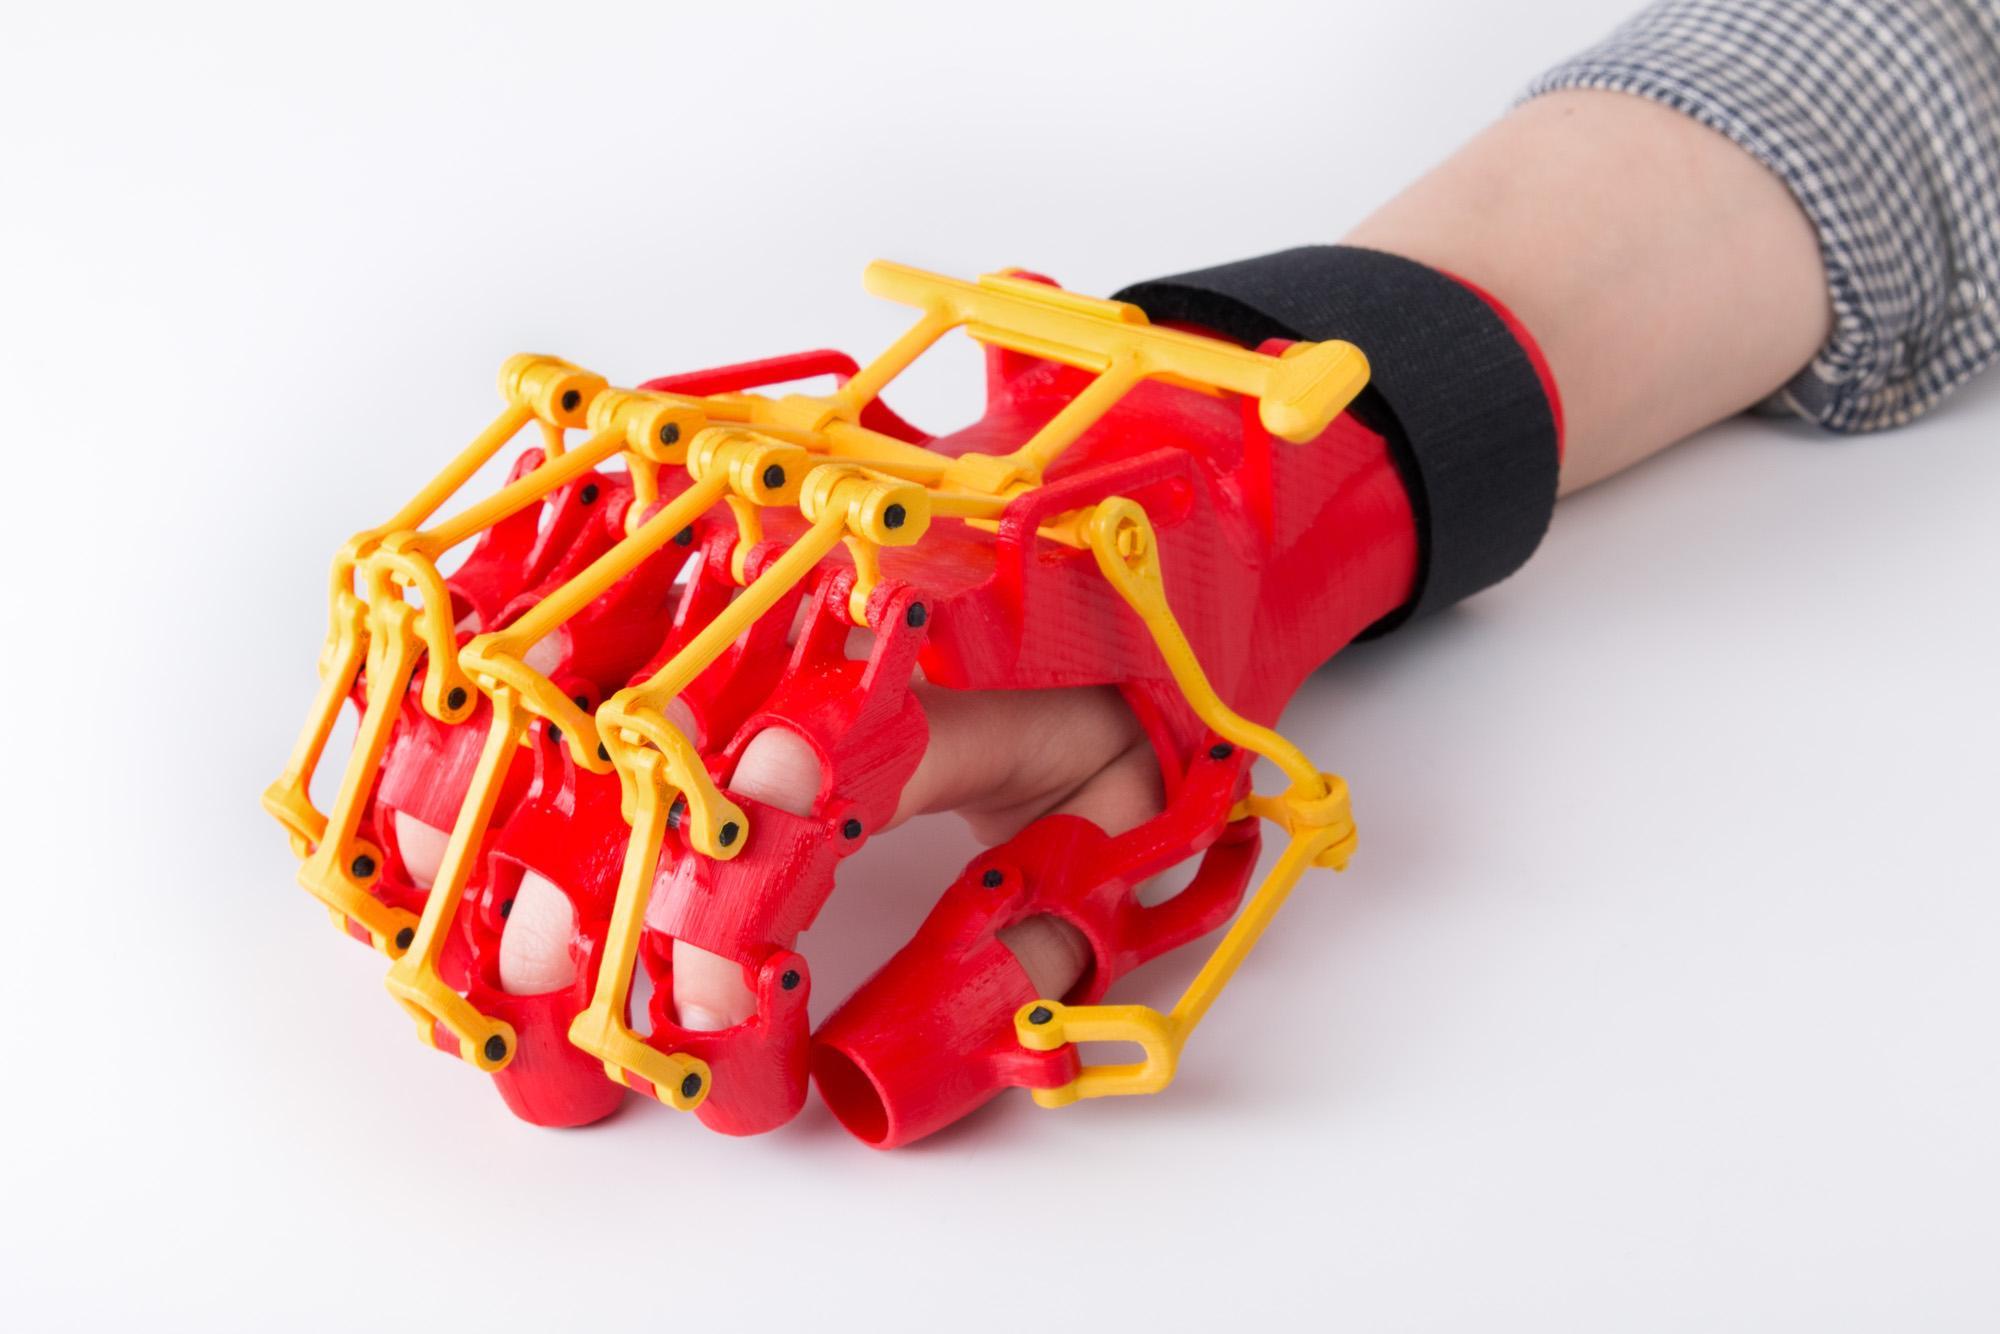 3D printed orthosis